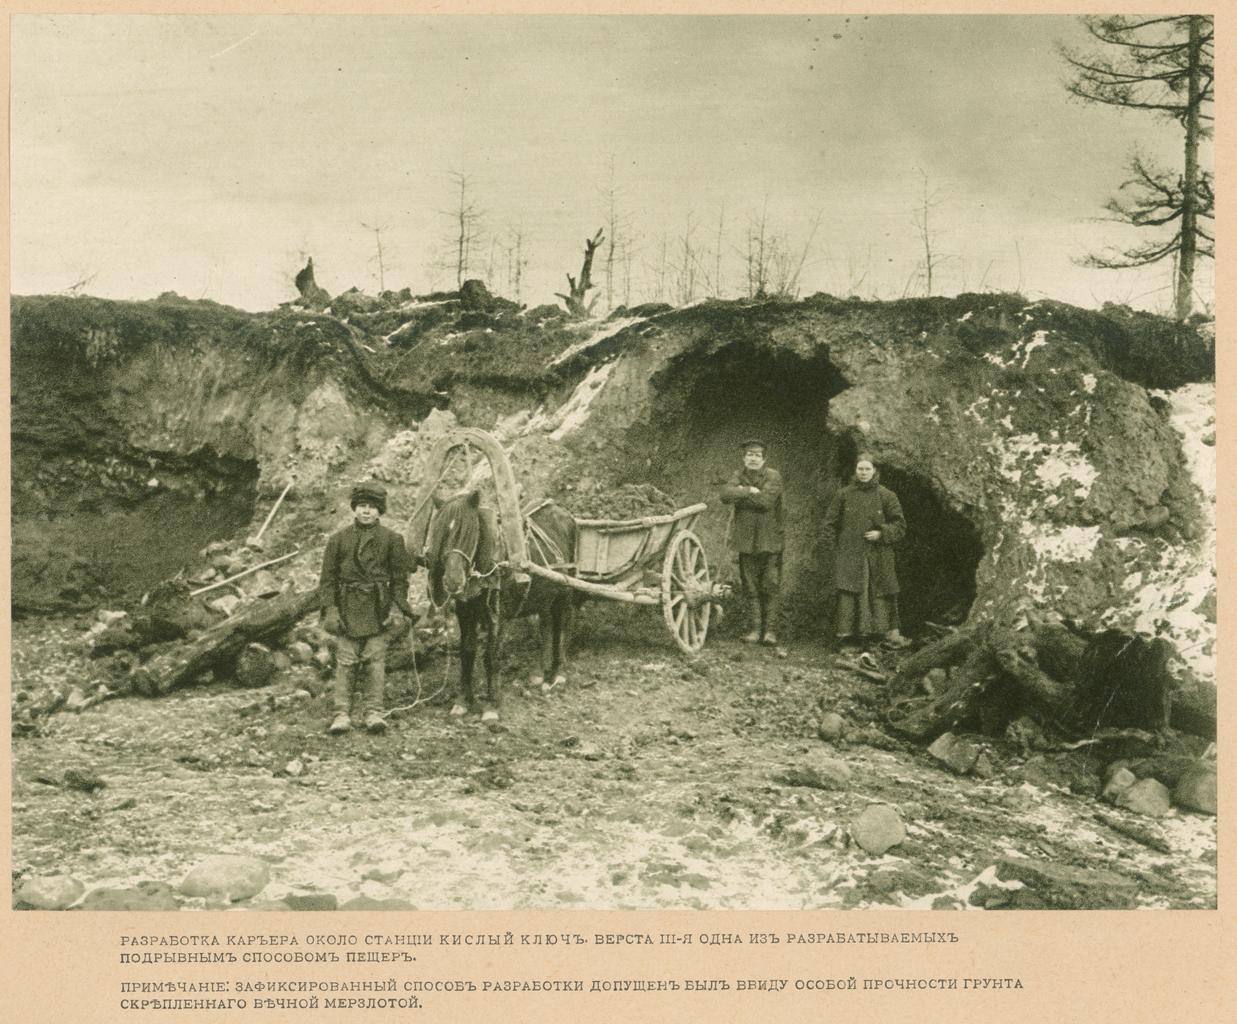 Верста 111. Разработка карьера около станции Кислый Ключ. Одна из разрабатываемых подрывным способом пещер